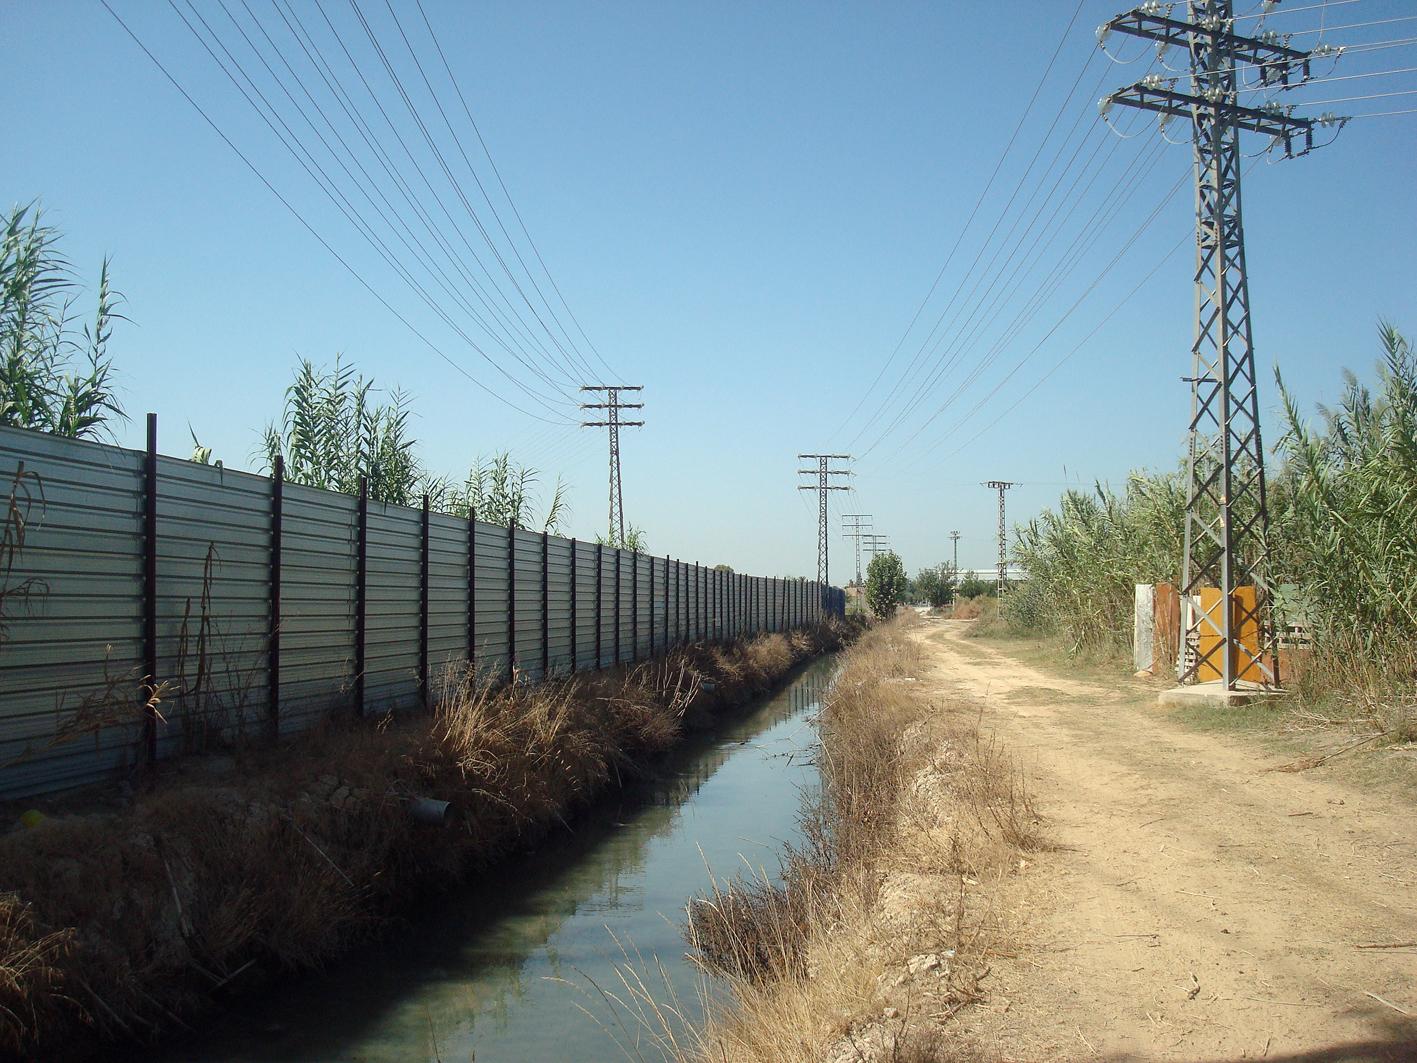 Ocupación de quijero con tipo de valla no permitido. Imagen: Huerta Viva